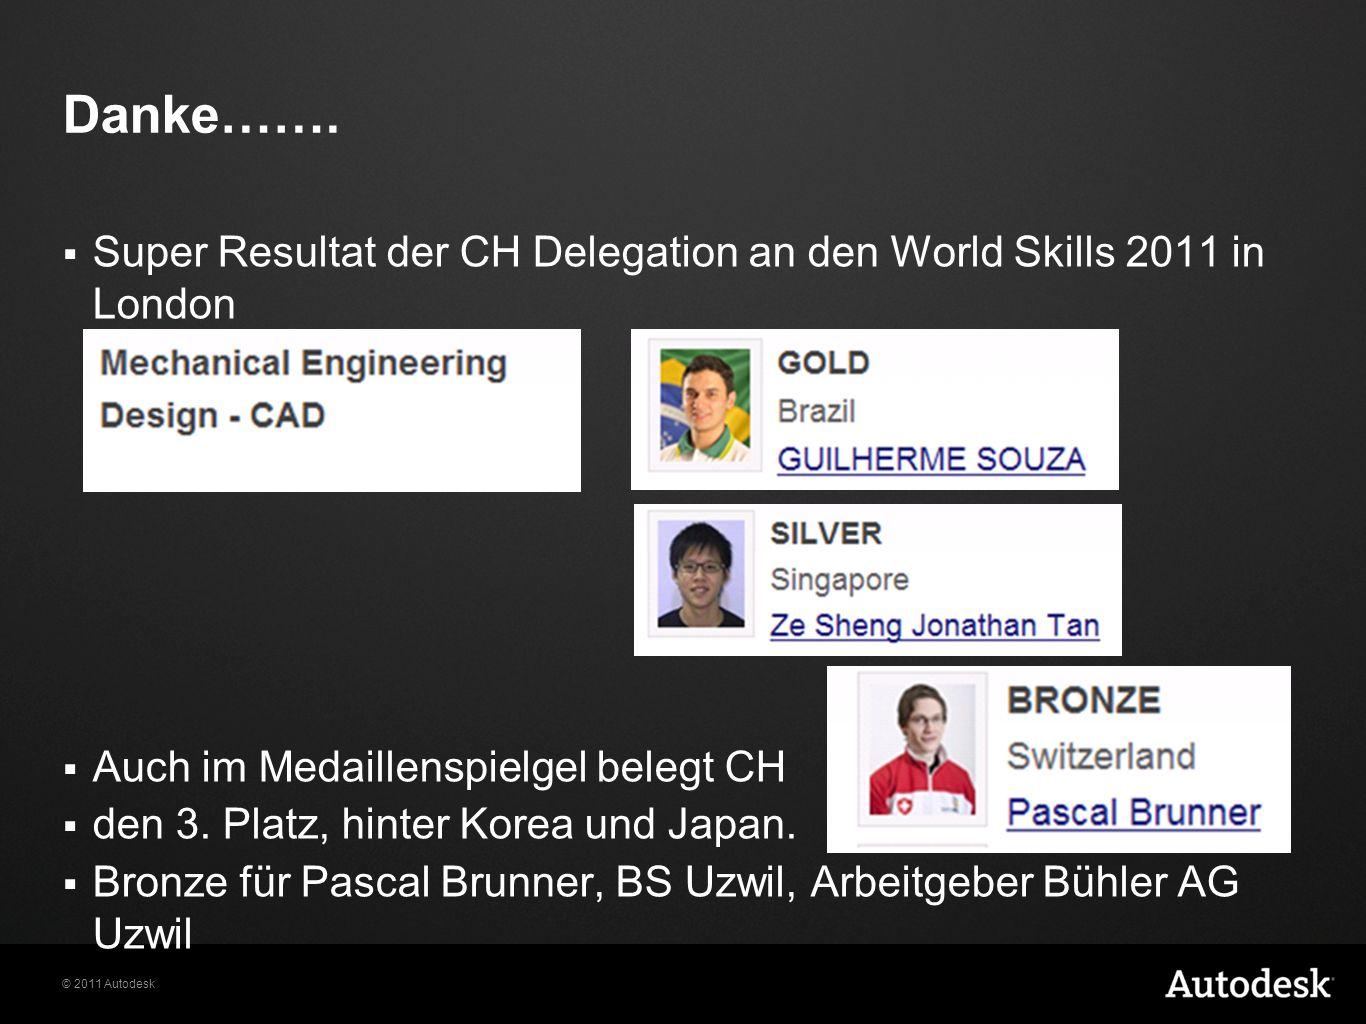 © 2011 Autodesk Danke……. Super Resultat der CH Delegation an den World Skills 2011 in London Auch im Medaillenspielgel belegt CH den 3. Platz, hinter